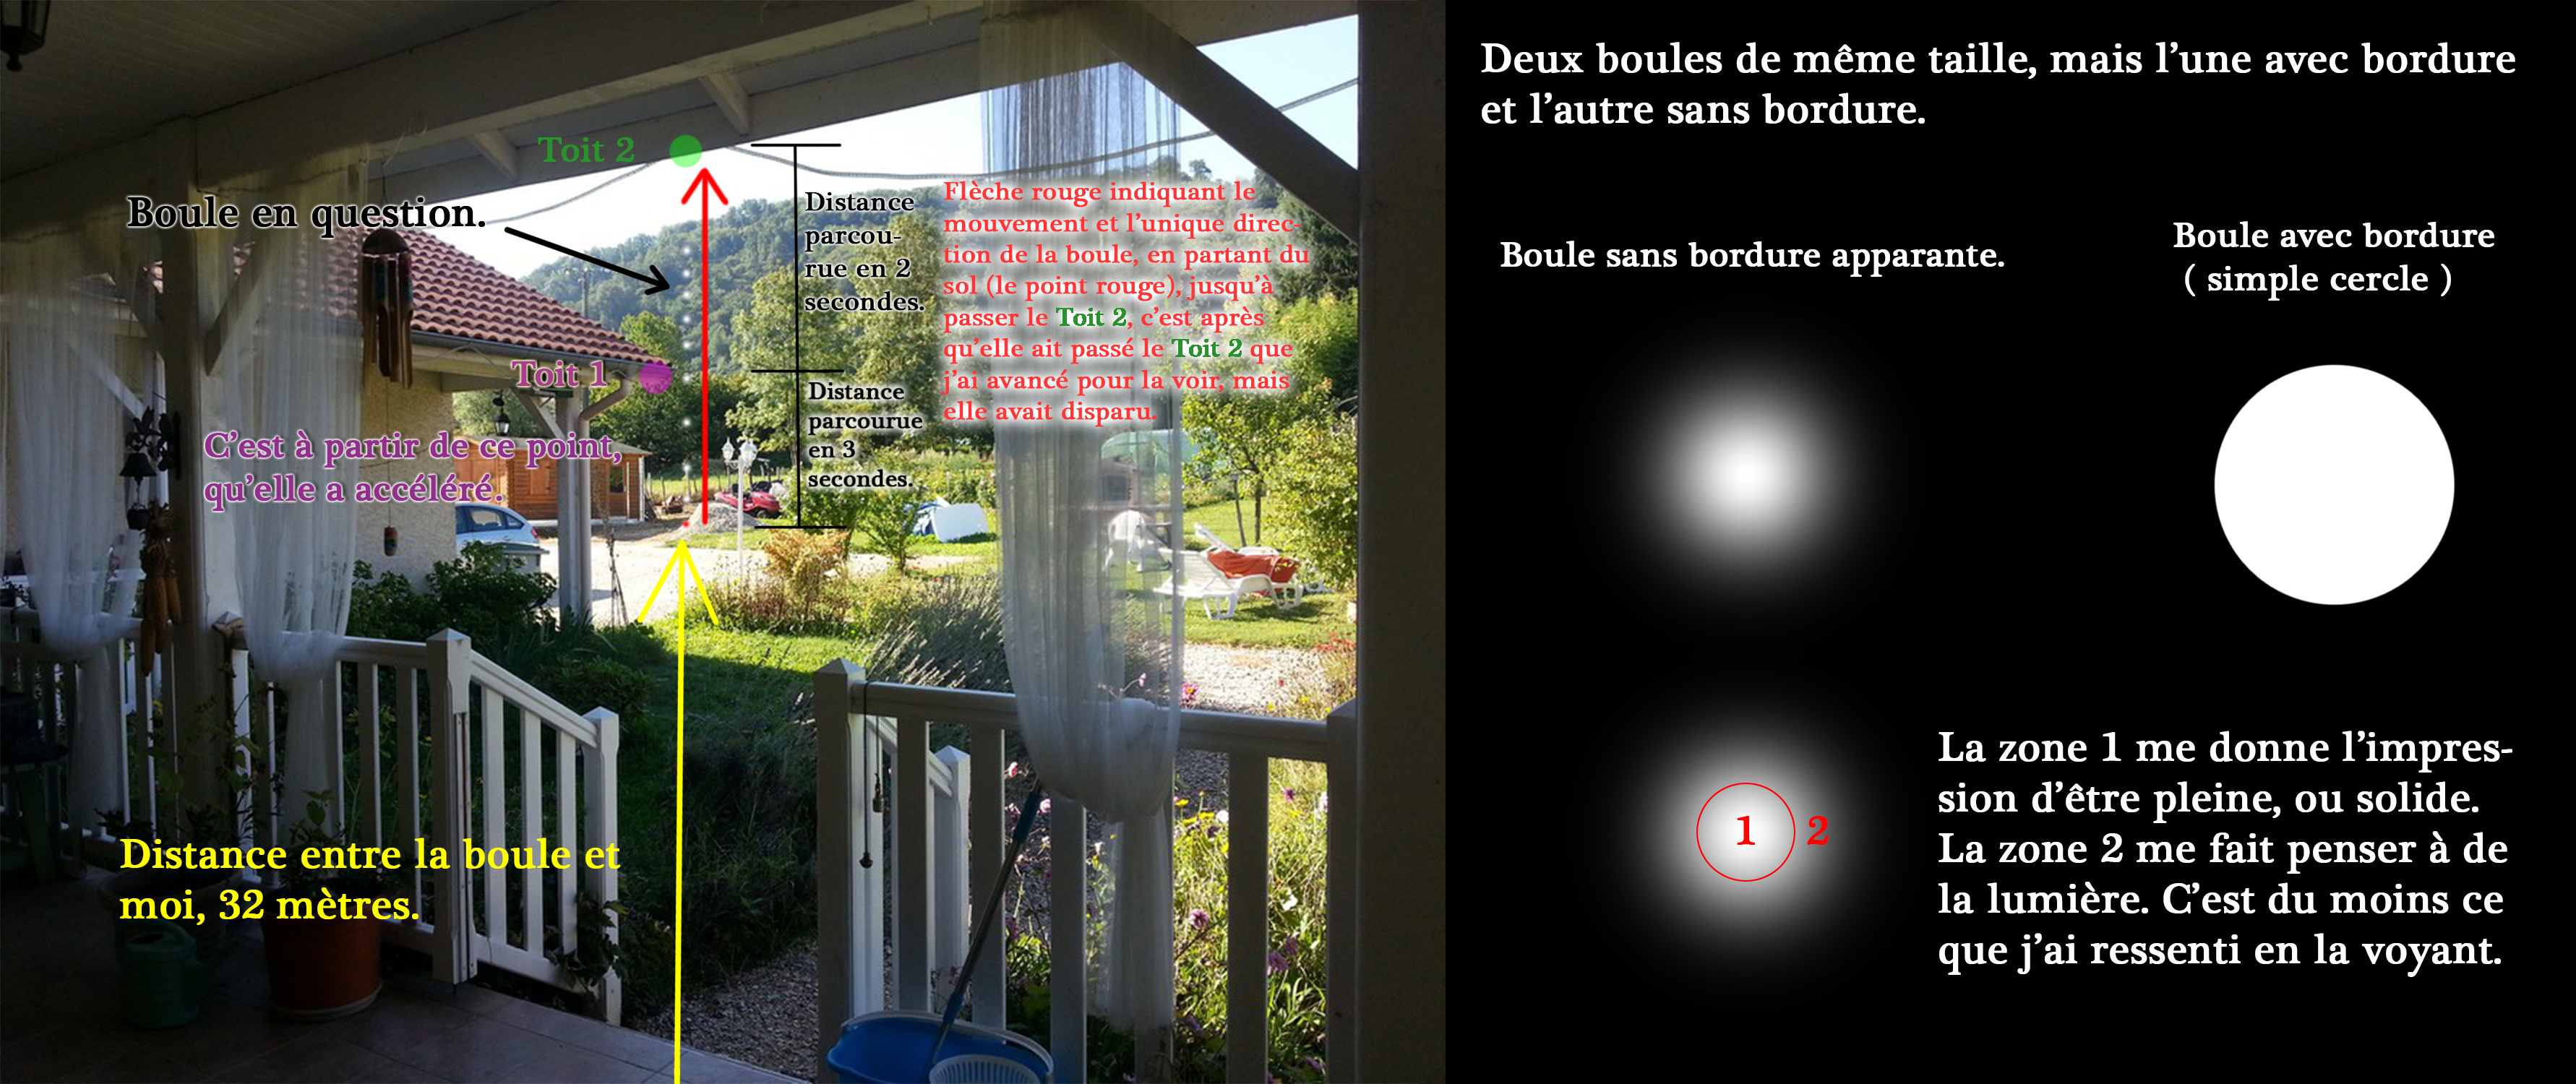 2016: le 05/07 à 1h04 - Un phénomène ovni troublant -  Ovnis à Nantes - Loire-Atlantique (dép.44) - Page 2 121392Grandmontagedemontmoignage